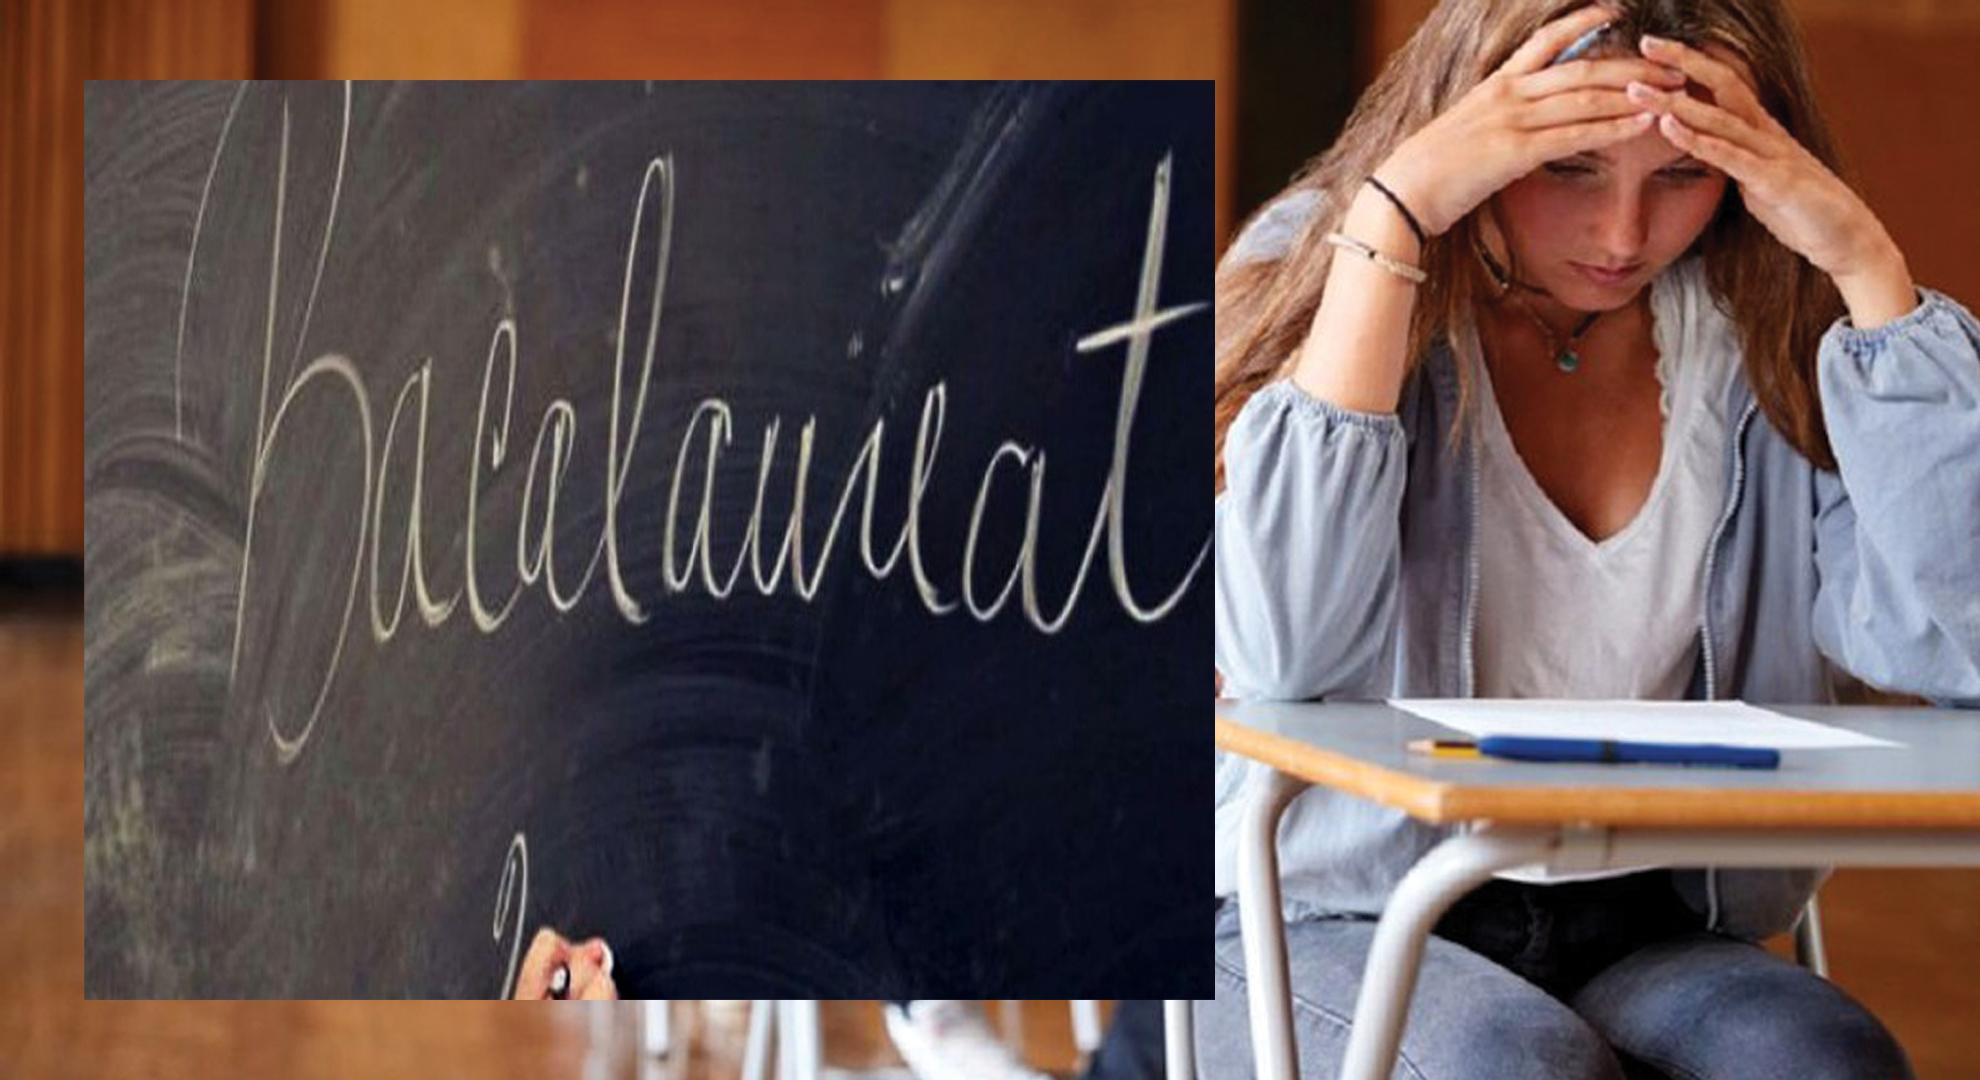 Subiecte Bacalaureat Limba Română au fost date elevilor la ora 9:00 pentru rezolvare. Baremul de corectare și rezolvarea acestuia vor fi publicate pe edu.ro la ora 15:00. Conform surselor noastre subiectule de la Limba Română au fost medii. Modelele de examen din anii trecuți au fost net superioare, față de ce le-a picat elevilor la BAC anul acesta. Subiecte Bacalaureat Limba Română În acest articol vor apărea subiectele imediat ce acestea apar pe internet dintr-o sursă oficială. La Limba Română în subiectele de la Bacalaureat 2020 nu a fost inclusă materia din semestrul II și acestea sunt de o dificultate medie. Ministerul Educației este convins că învățarea de acasă și orele online nu au fost un real succes și elevii nu sunt pregătiți să pentru subiecte grele. În mod oficial subiectele de la Română examen Bacalaureat 2020 vor fi publicate pe bacalaureat.edu.ro la ora 15:00 cât va apărea și baremul de corectare. Ministerul Educației atrage atenția elevilor și părinților să nu cumpere așa-zisele subiecte oficiale de pe diferite site-uri care susțin că le au pe cele oficiale. Același lucru s-a întamplat și la Evaluarea Națională, unde azi primesc rezultatele. Subiectele de la Limba Română publicate deja de unele site-uri sunt false și infirmate de Ministerul Educației. Subiecte Bacalaureat Limba Română dificultate medie Conștienți de faptul ca elevii au ratat mai bine de 3 luni de școală și pregătire. Cei care au conceput Subiecte Bacalaureat Limba Română 2020 au avut în vedere ca dificultatea să fie medie și ca un număr mai mare de elevi să obțină nota minimă șase. Elevii care nu s-au putut prezenta astăzi la proba de la Limba Română, au parte de o sesiune specială. La fel și elevii care au fost respinși din cauza temperaturii de peste 37.3 grade. Bacalaureat 2020 continuă mâine cu proba la Limba Maternă. Iată calendarul primei sesiuni: Calendar Bacalaureat 2020 prima sesiune -► 3 – 10 iunie 2020 Înscrierea candidaților -► 11 - 17 iunie 2020 Echivalarea și recunoașt